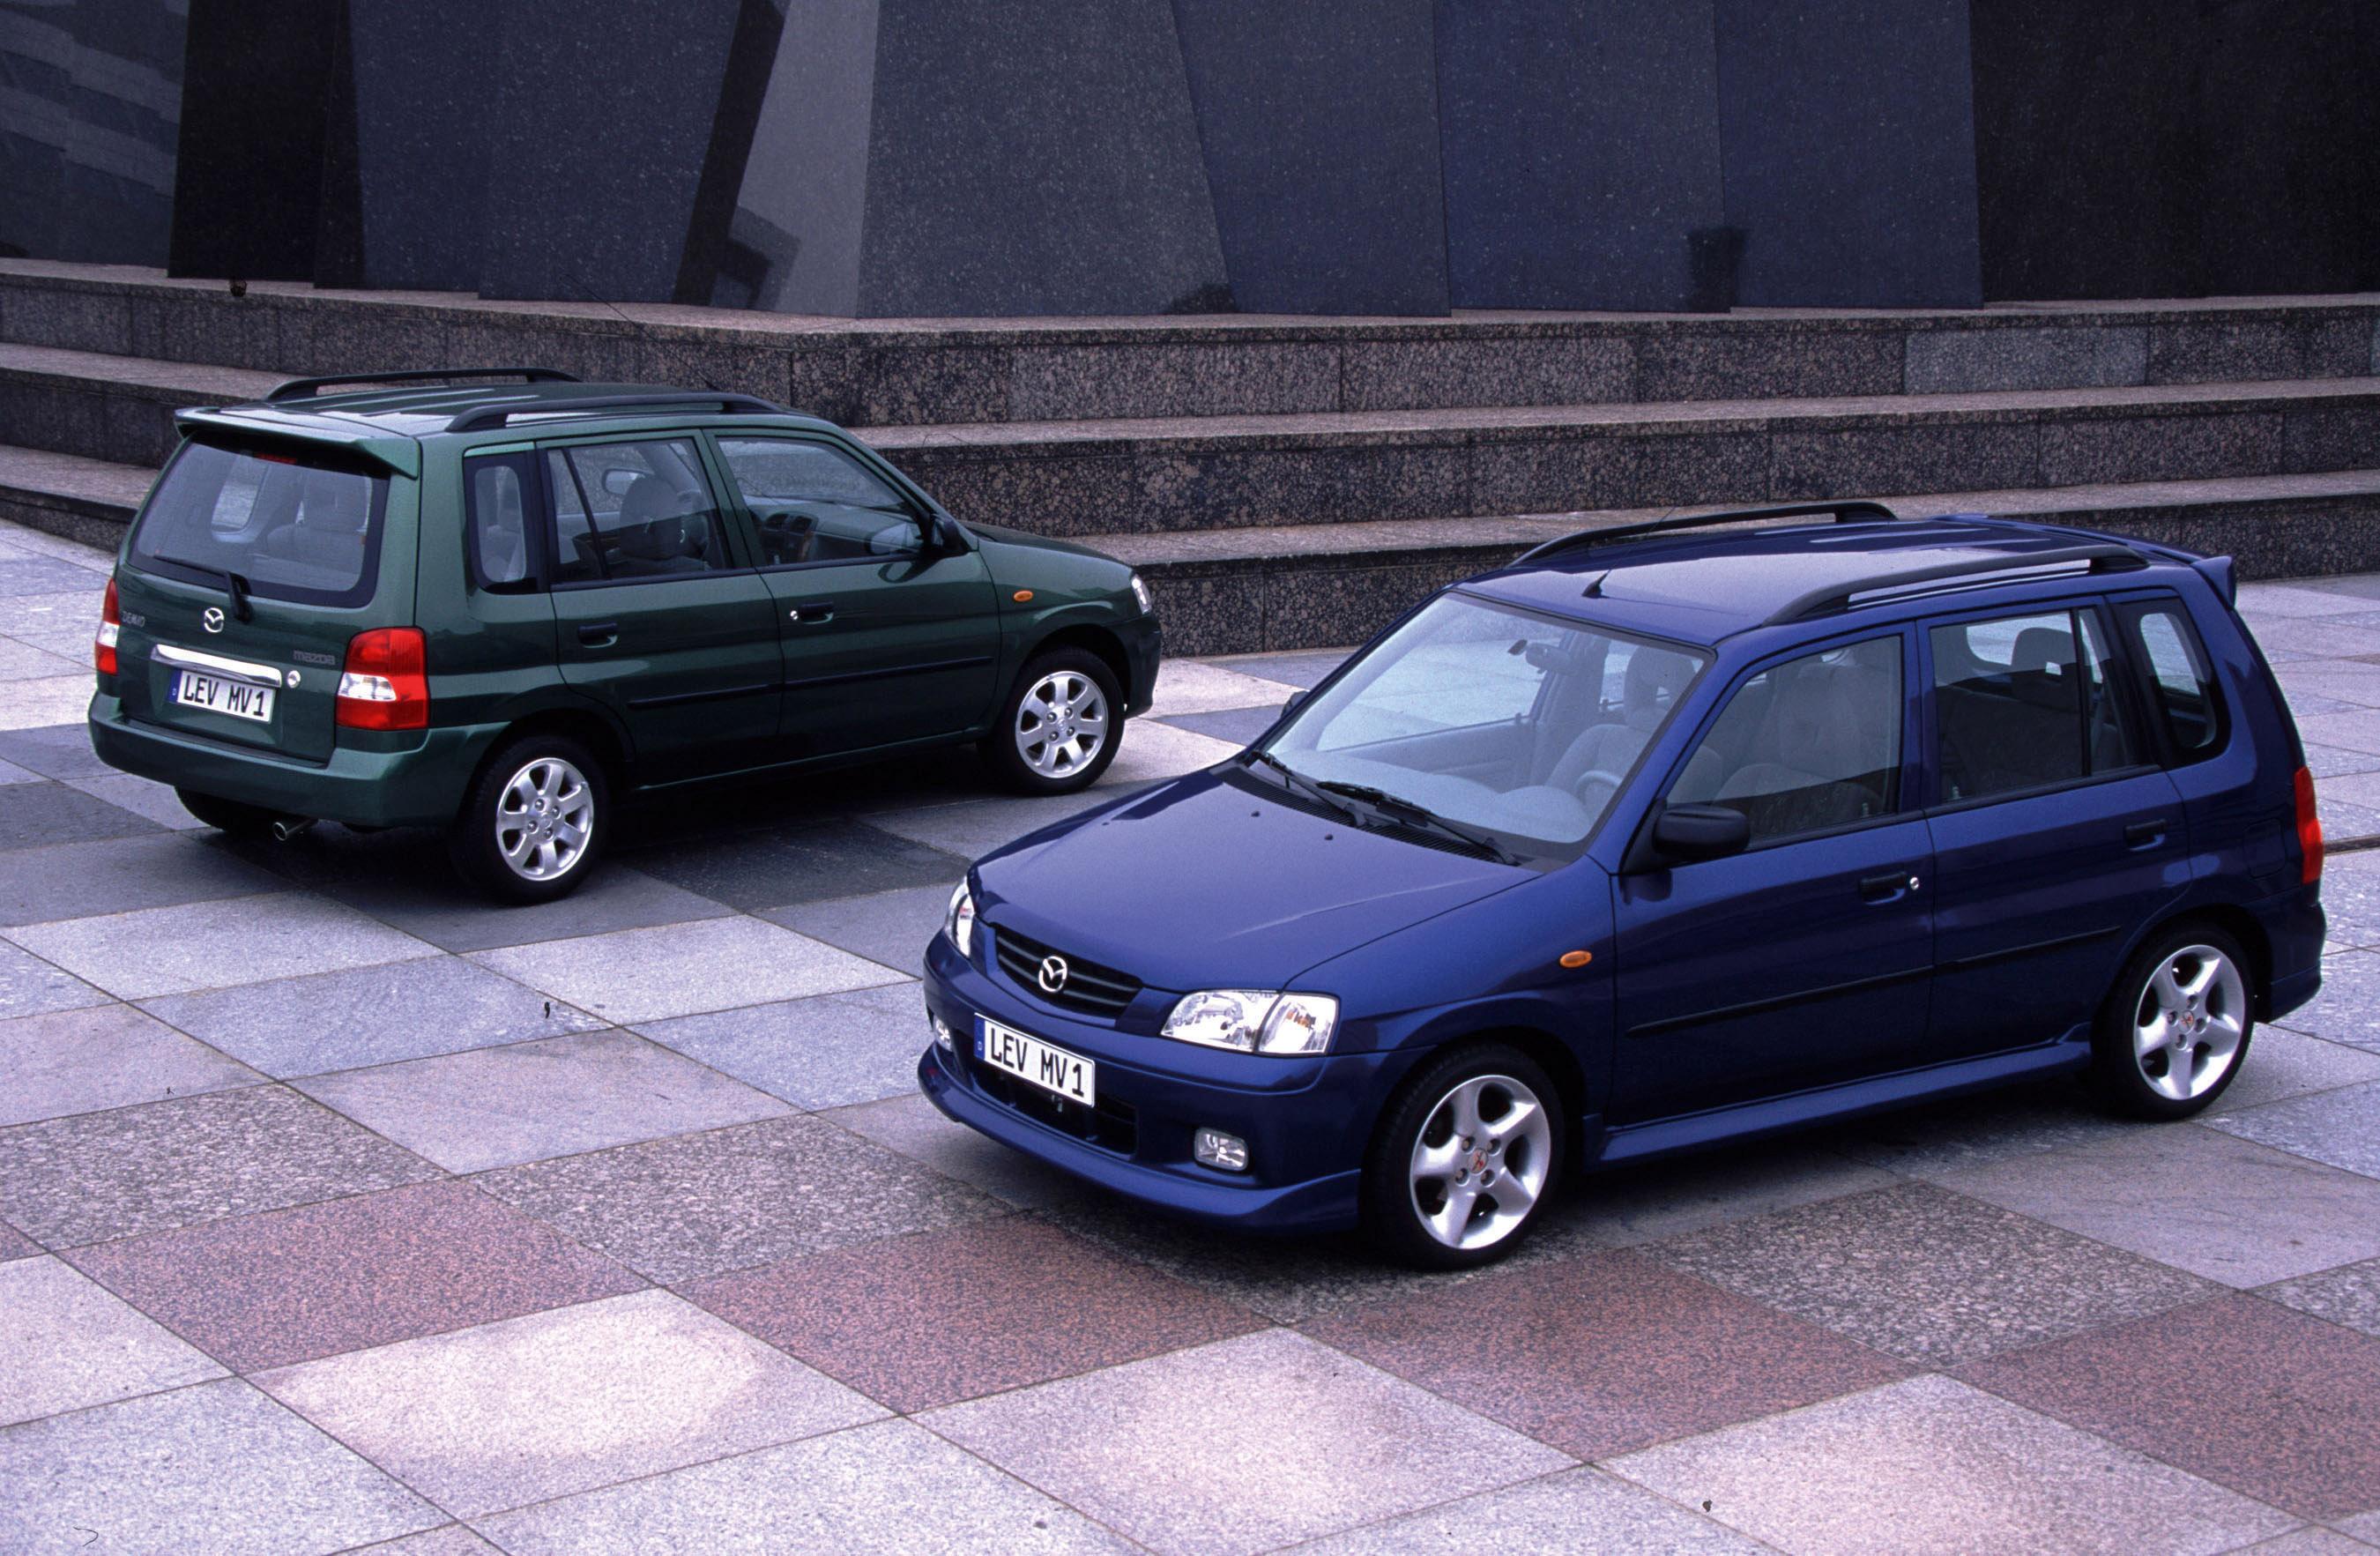 https://www.automobilesreview.com/img/2000-mazda-demio/2000-mazda-demio-10.jpg